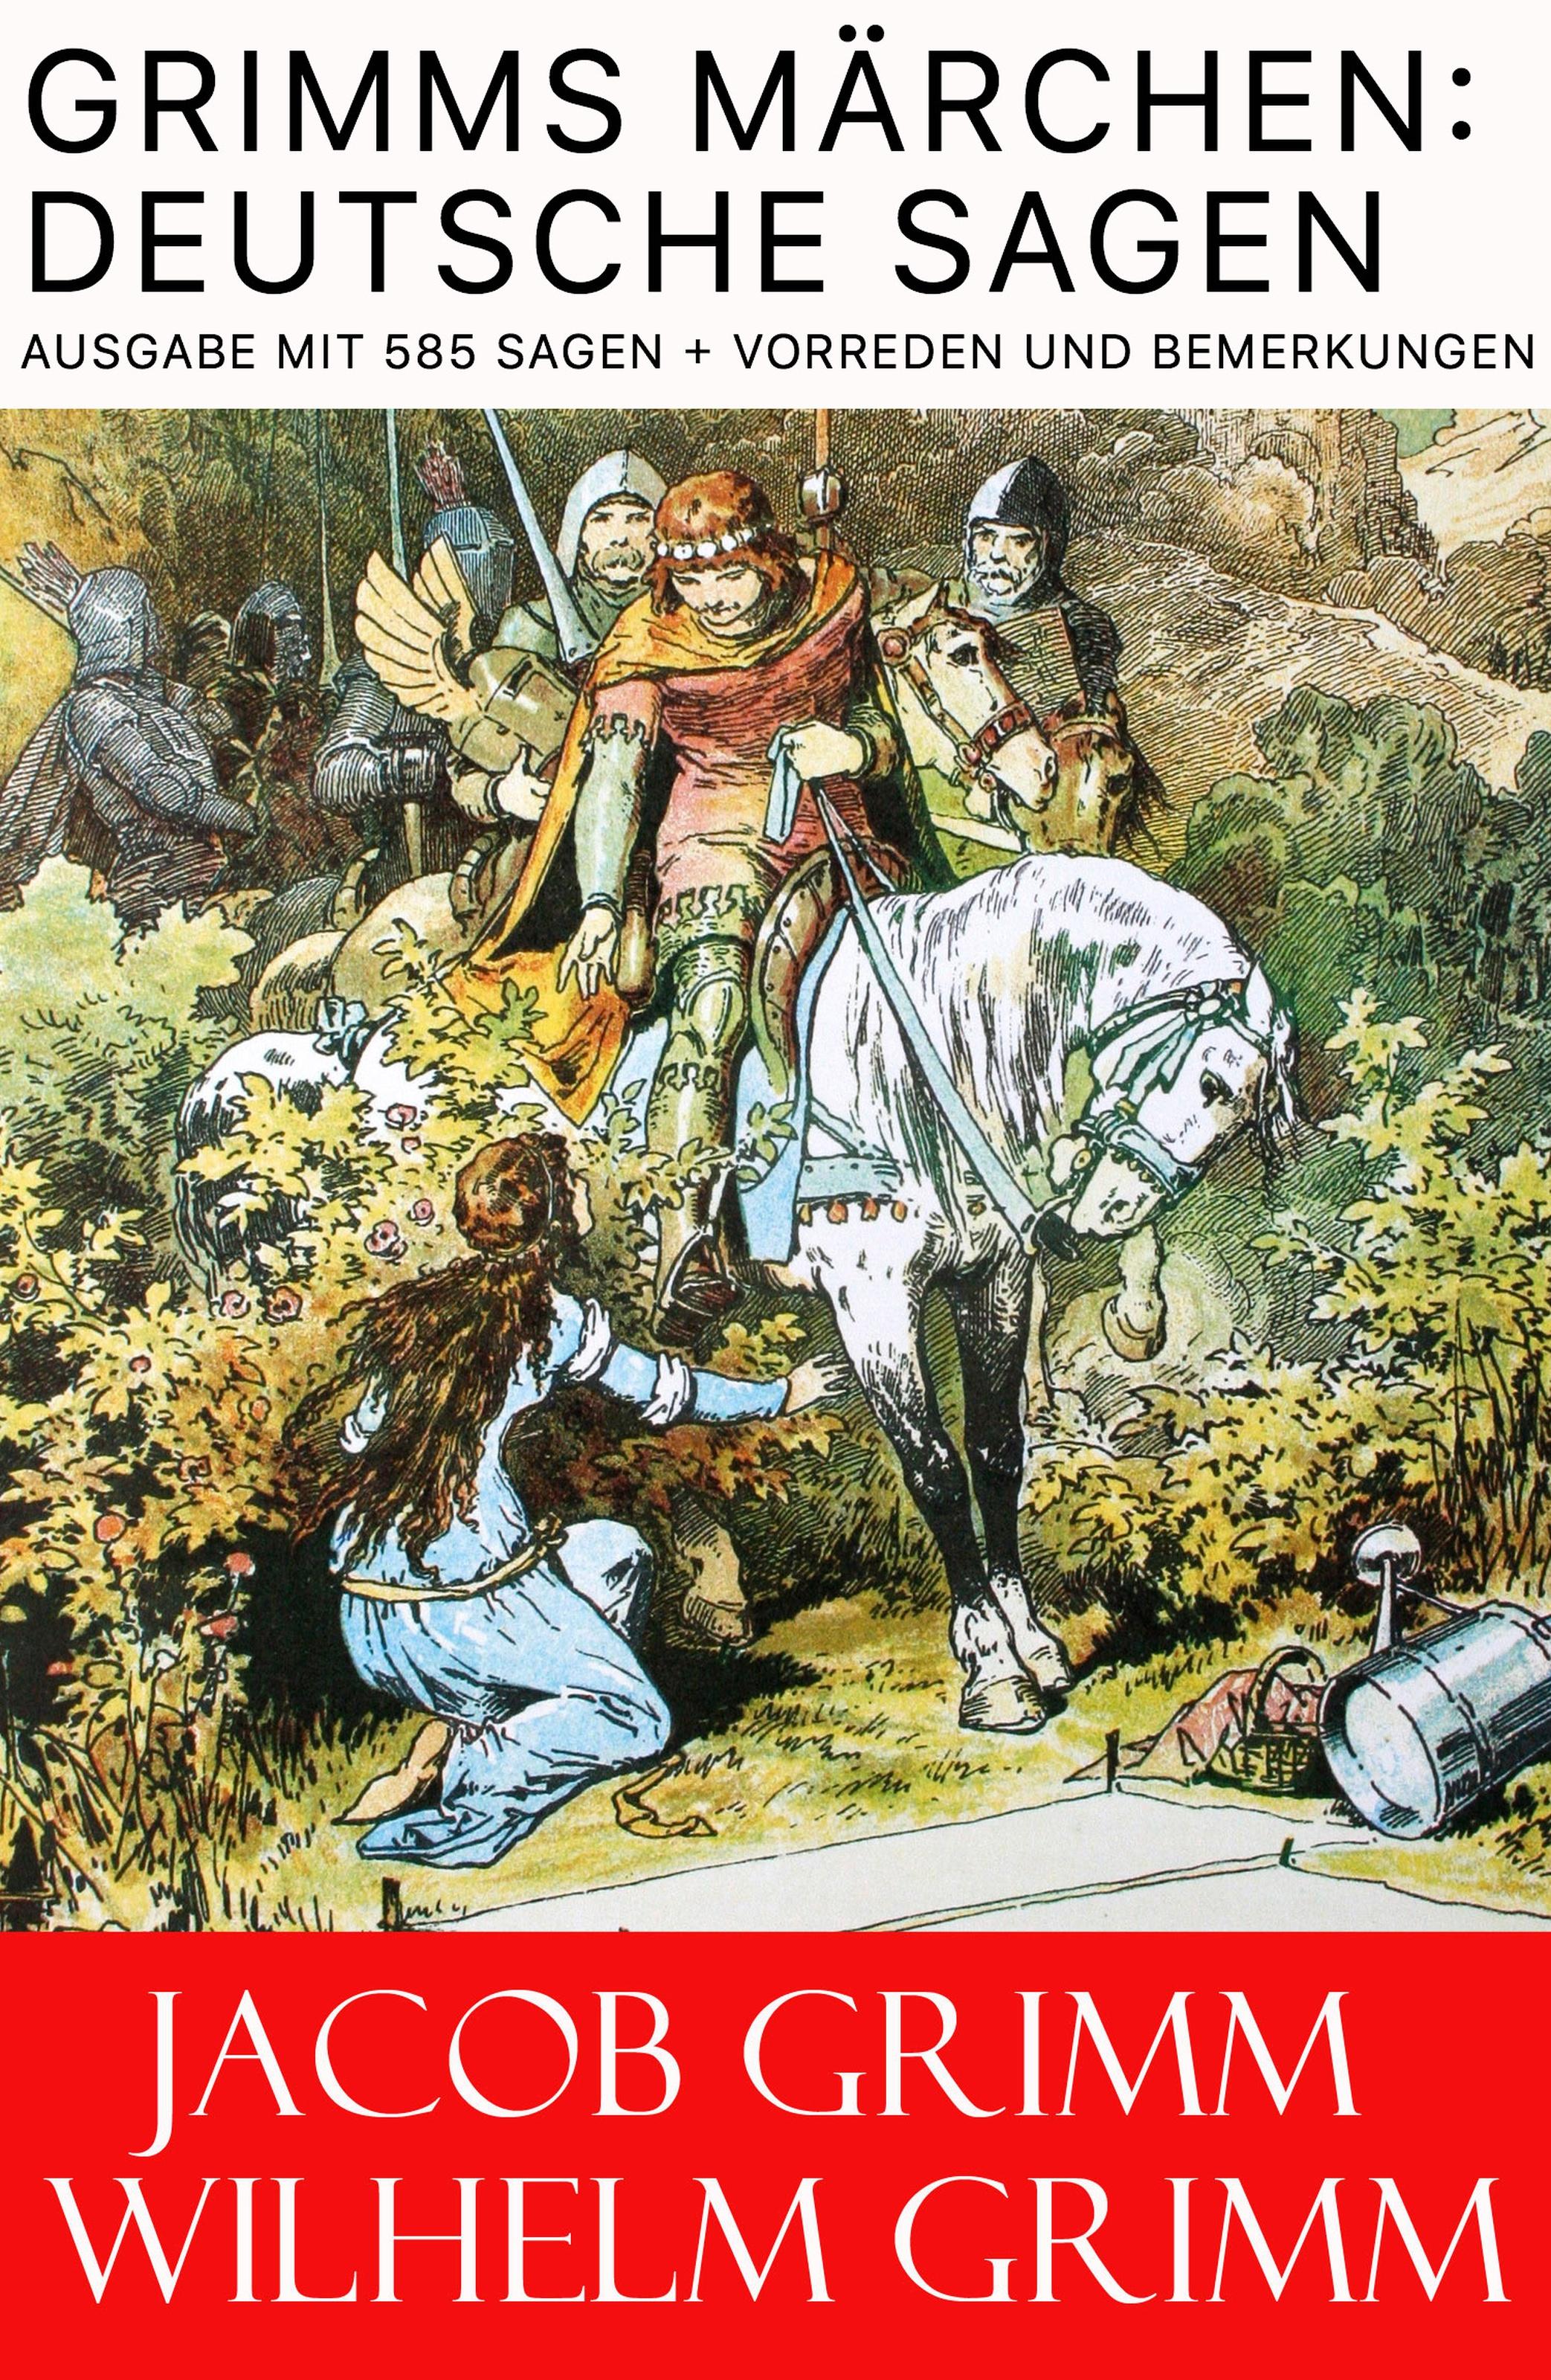 Jacob Grimm Grimms Märchen: Deutsche Sagen - Ausgabe mit 585 Sagen + Vorreden und Bemerkungen